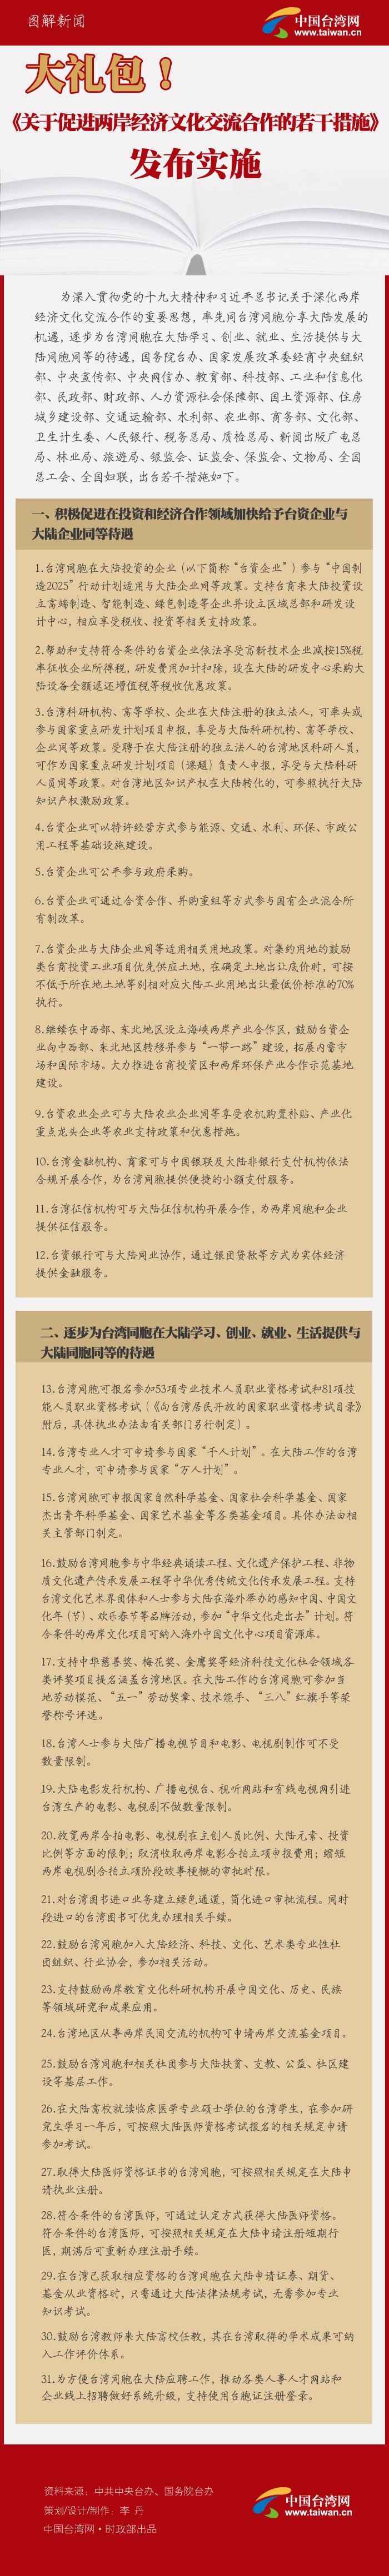 《关于促进两岸经济文化交流合作的若干措施》全文